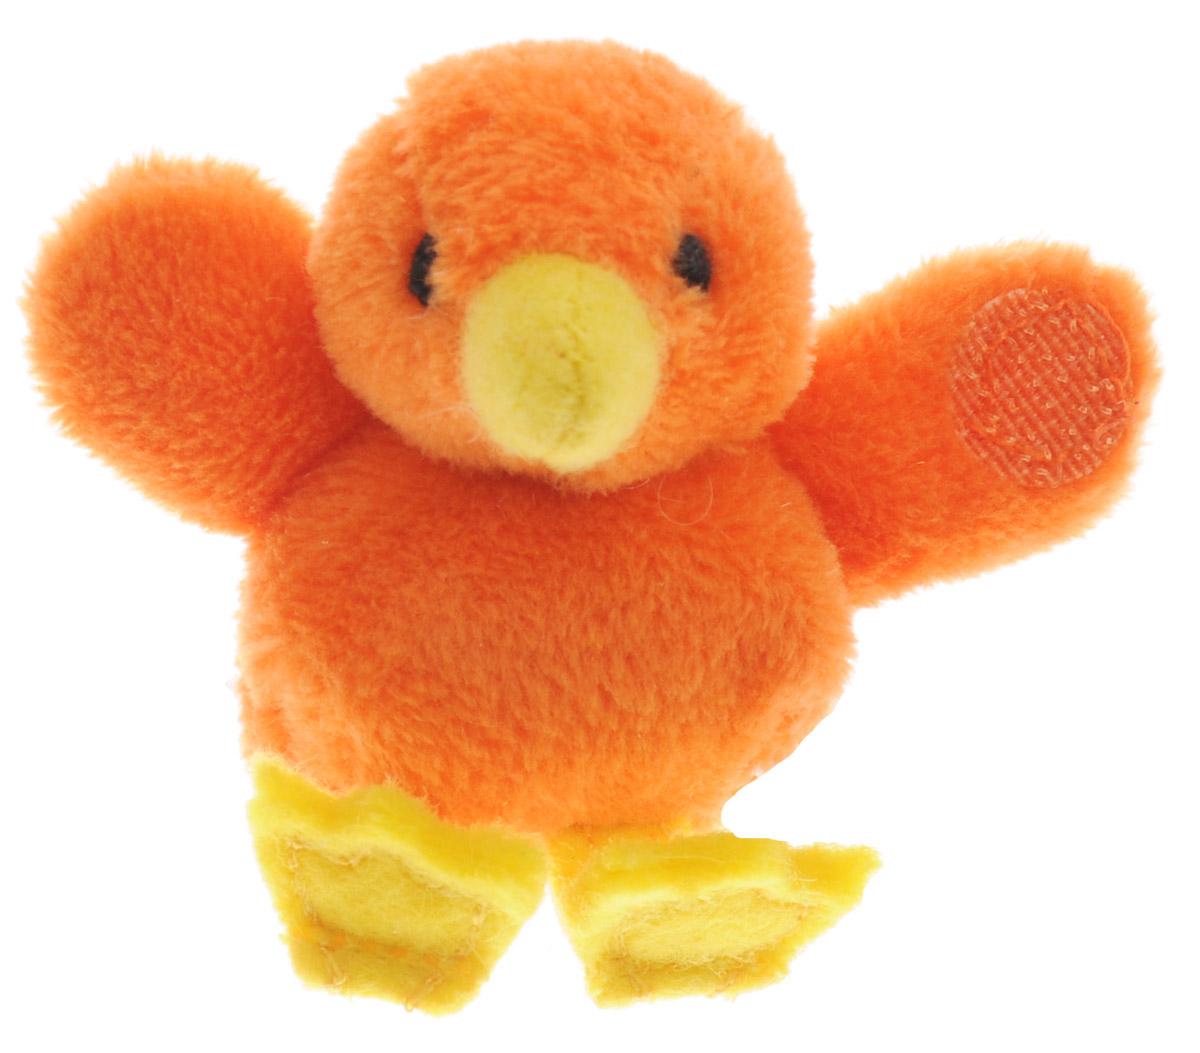 Beanzees Мягкая игрушка Цыпленок Chico 5 смB31001_10_оранжевая птичкаСимпатичная миниатюрная мягкая игрушка Beanzees Цыпленок Chico - это игрушка три в одном. Ее приятно держать в руках, увлекательно коллекционировать, а также эти игрушки можно соединять между собой с помощью липучек и носить как оригинальное украшение на шею или на руку. По легенде эти крошечные животные обитают все вместе в волшебном лесу под названием Бинзилэнд, в котором всегда ярко светит солнышко и цветут цветы. Размер игрушки 5 см, она выполнена из мягкого гипоаллергенного материала, набивка - синтетическое волокно, в том числе специальные пластиковые гранулы, делающие эту игрушку замечательным антистрессом. На лапках цыпленка располагаются маленькие текстильные липучки, с помощью которых игрушку можно соединять с другими.